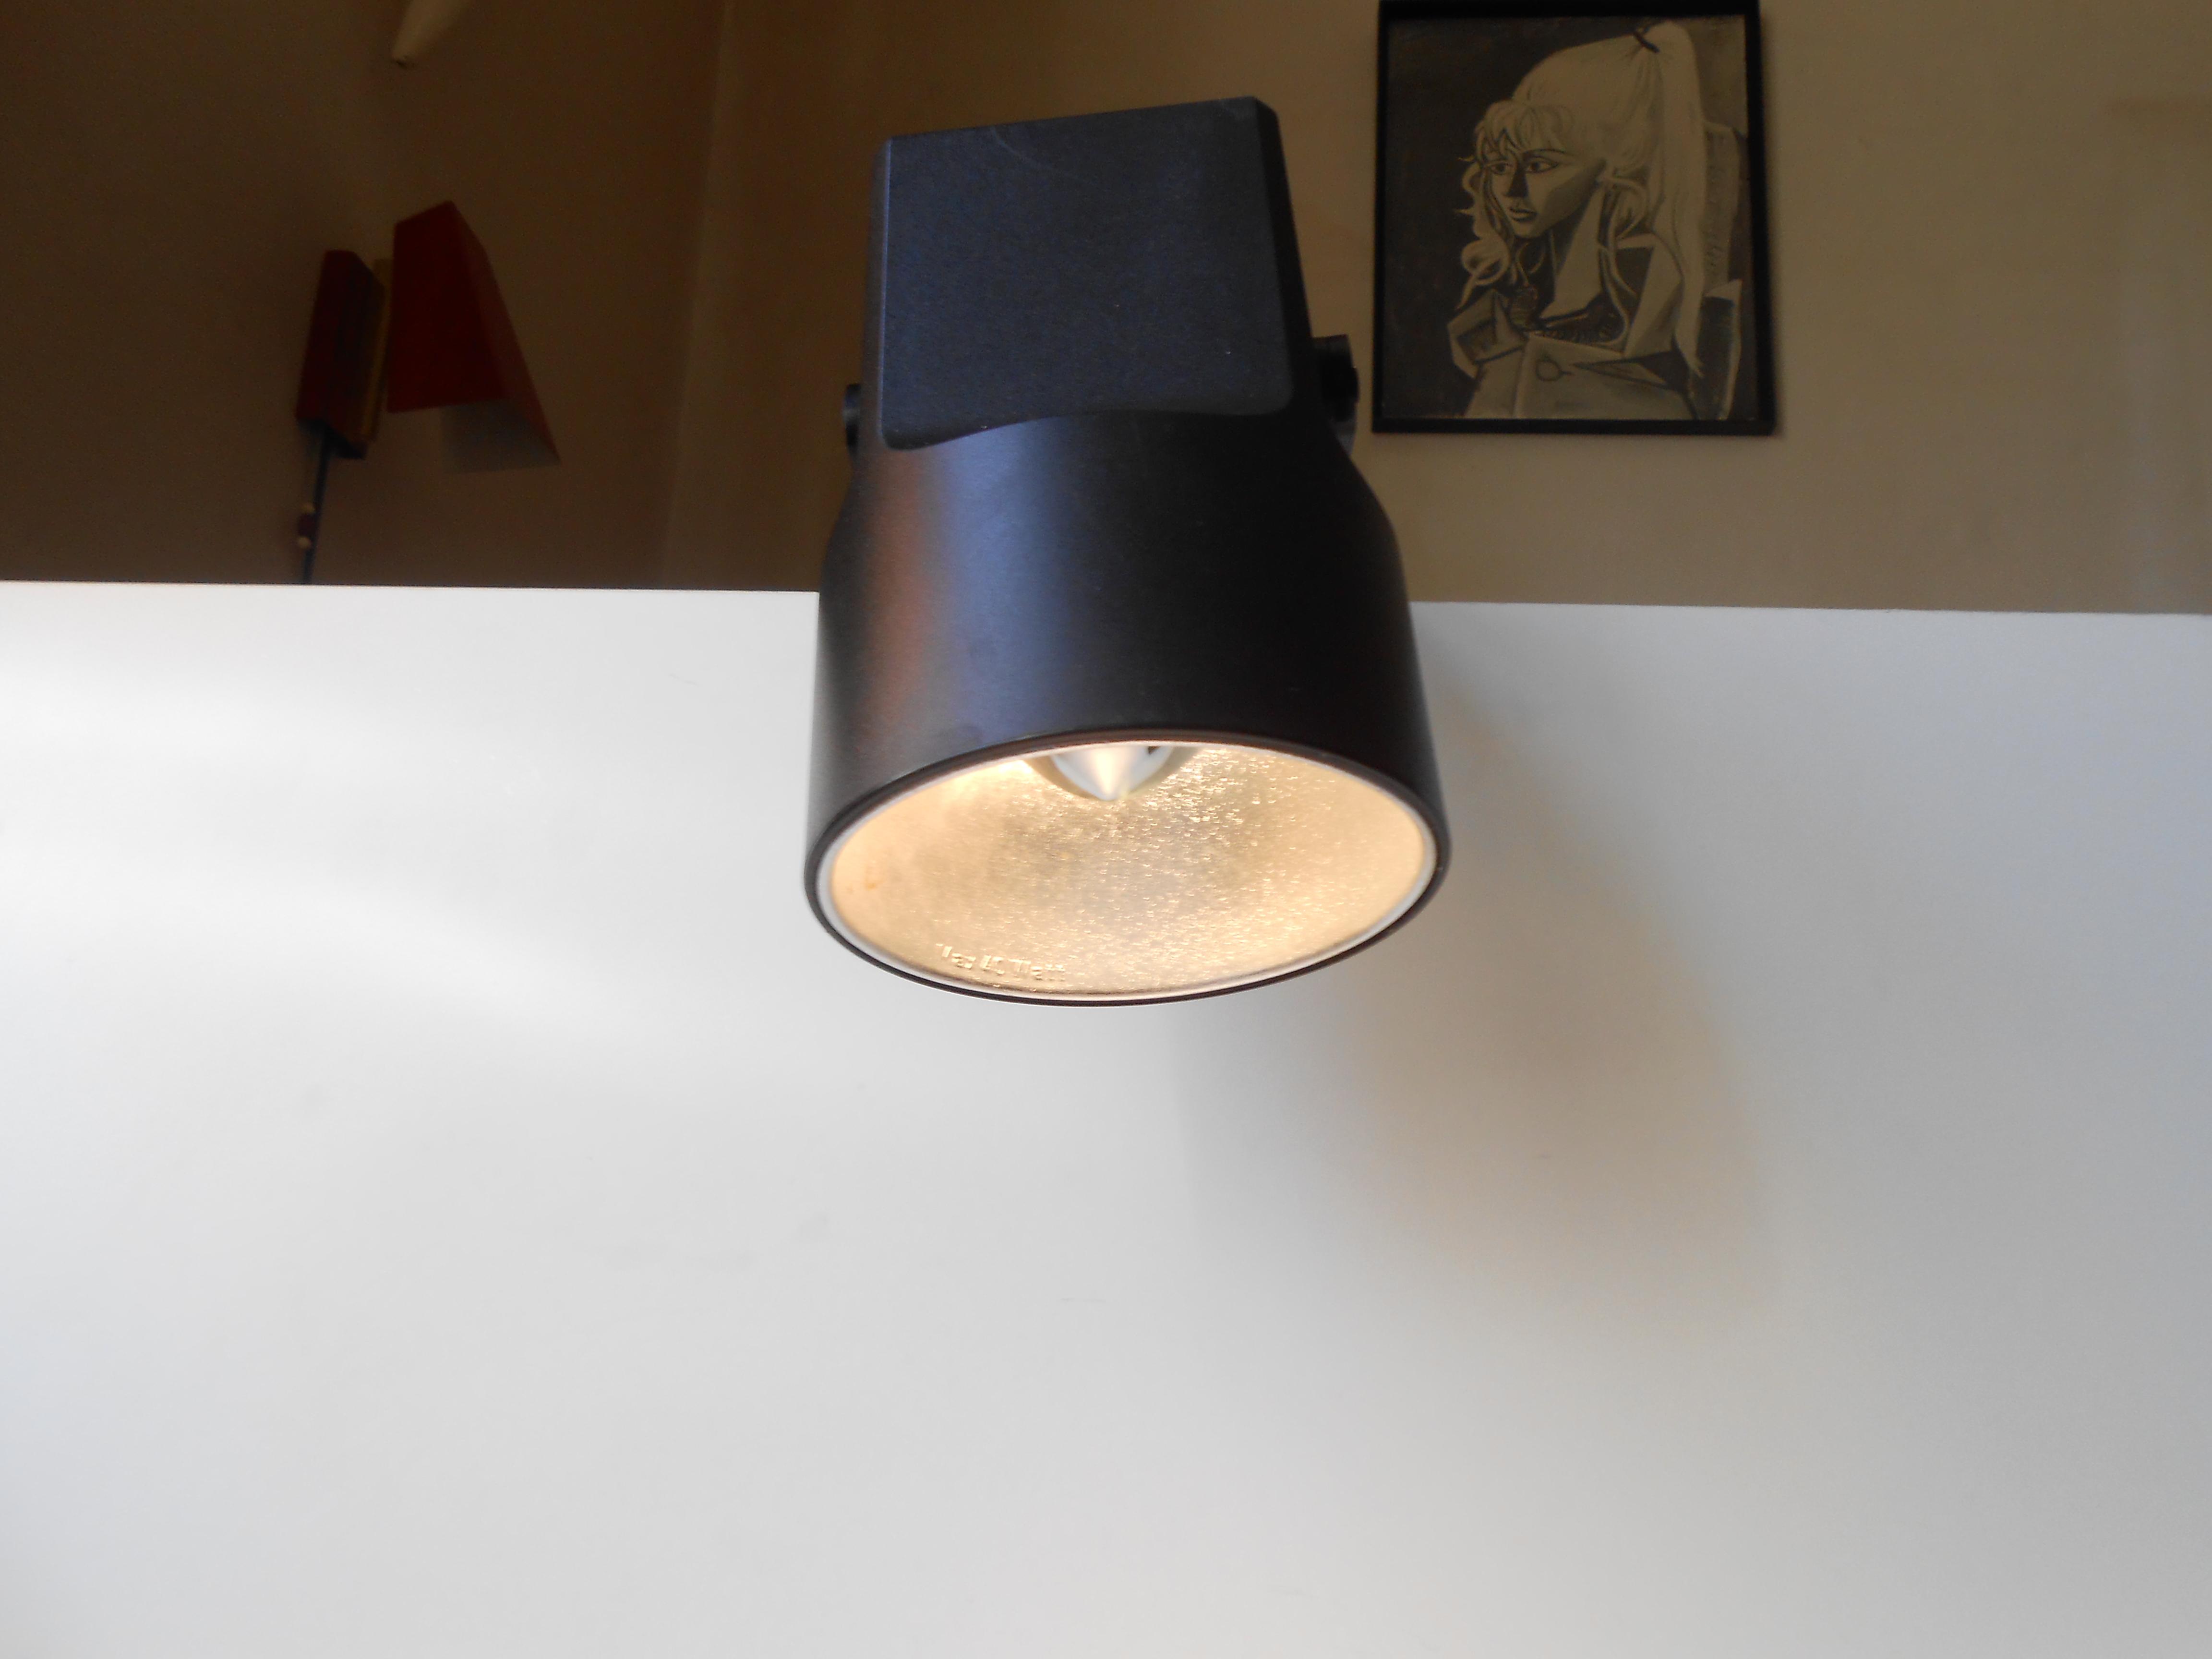 lampe lampe poulsen vintage lampes. Black Bedroom Furniture Sets. Home Design Ideas